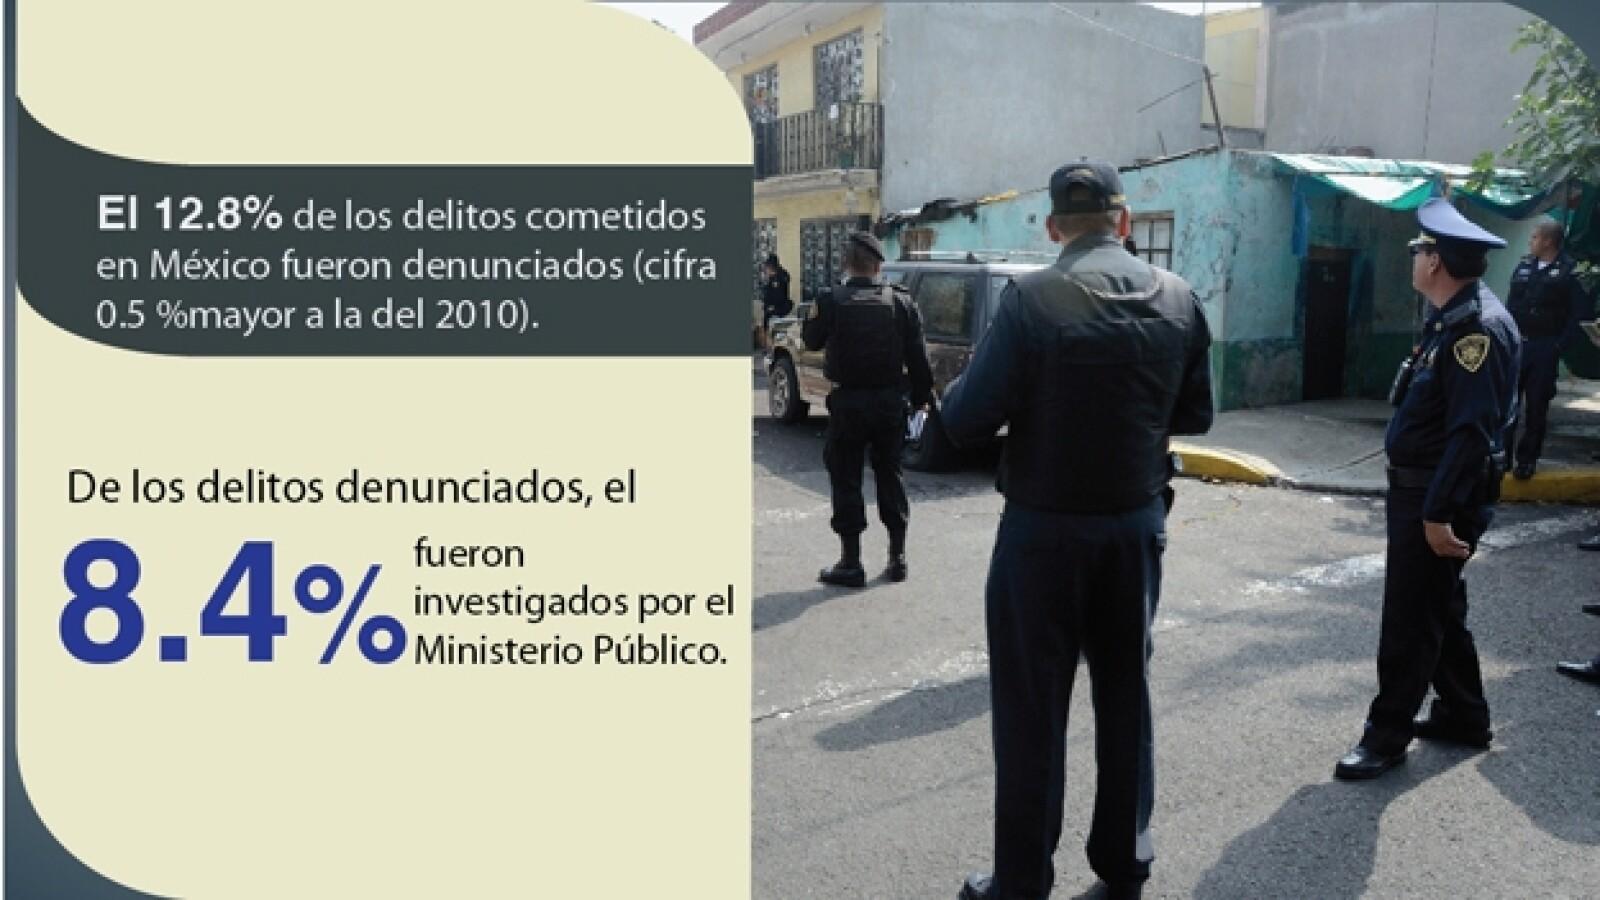 Encuesta seguridad INEGI 2012 5